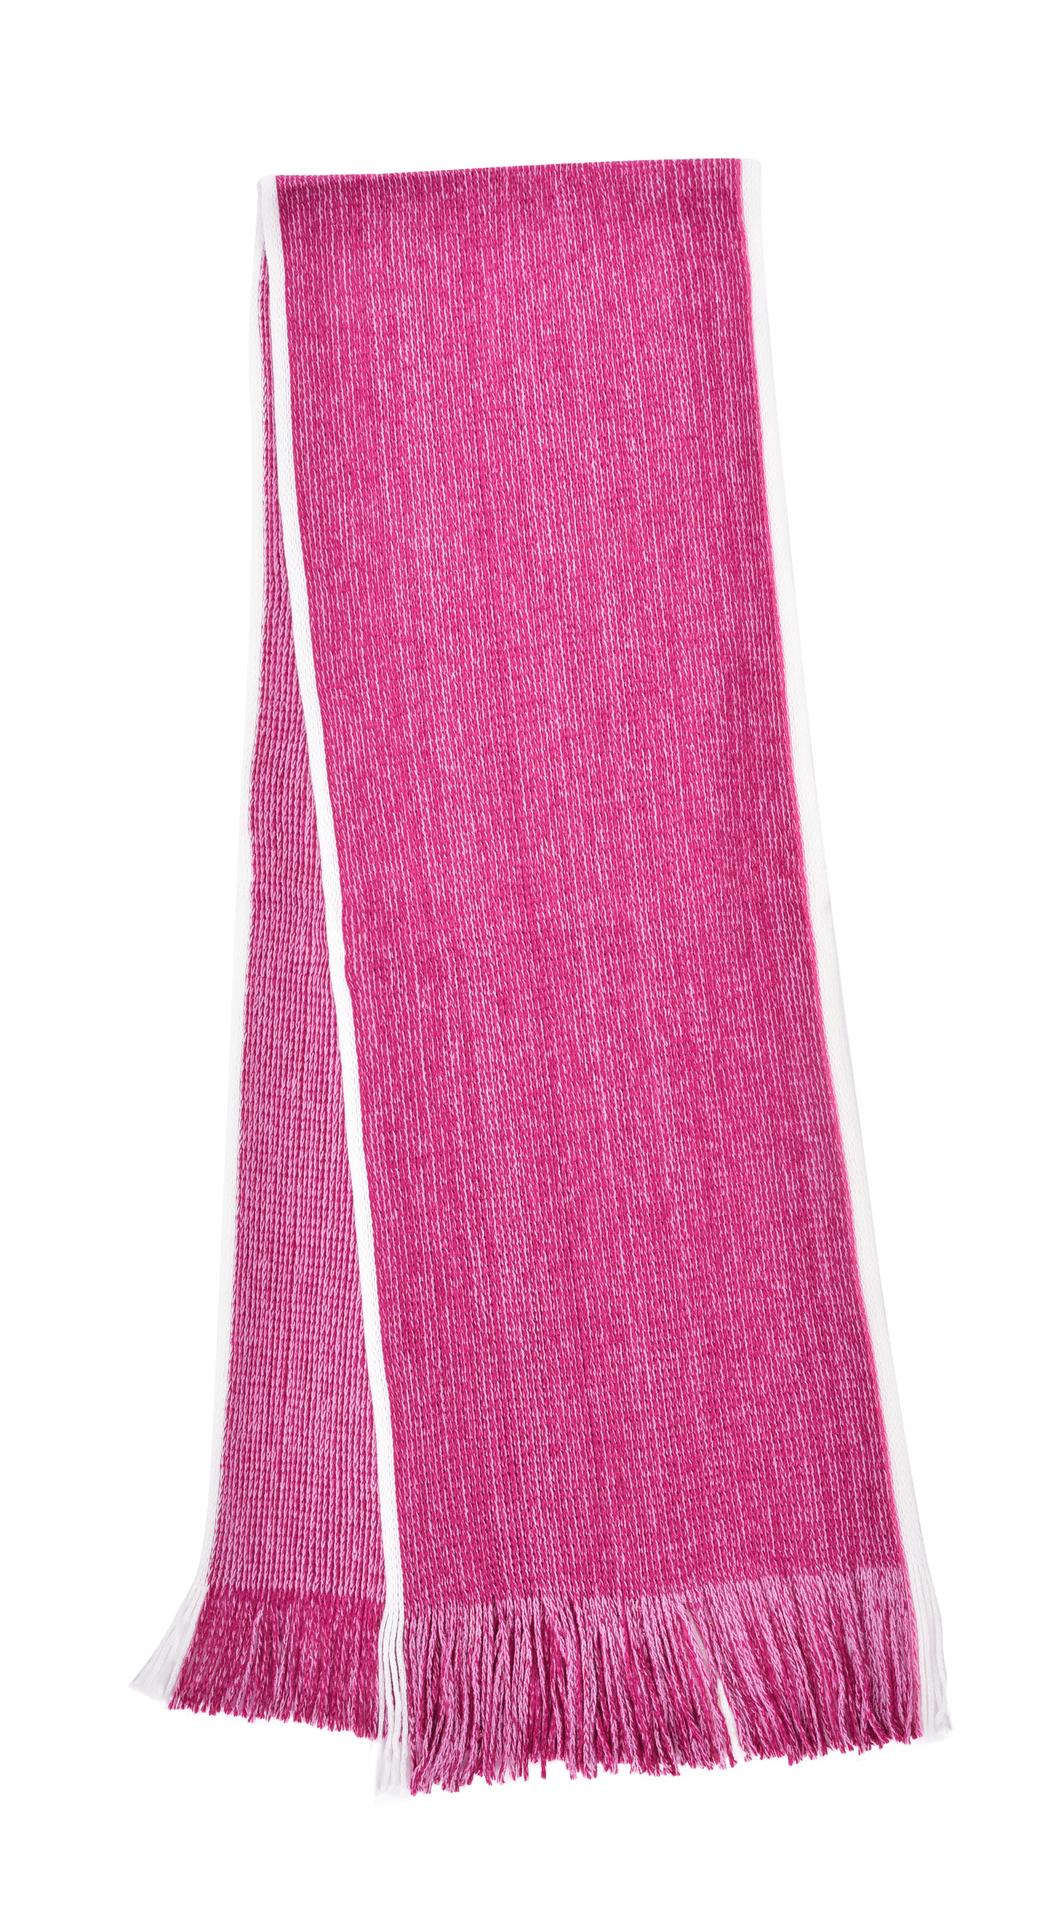 Hebký pletený šál s bílým okrajem